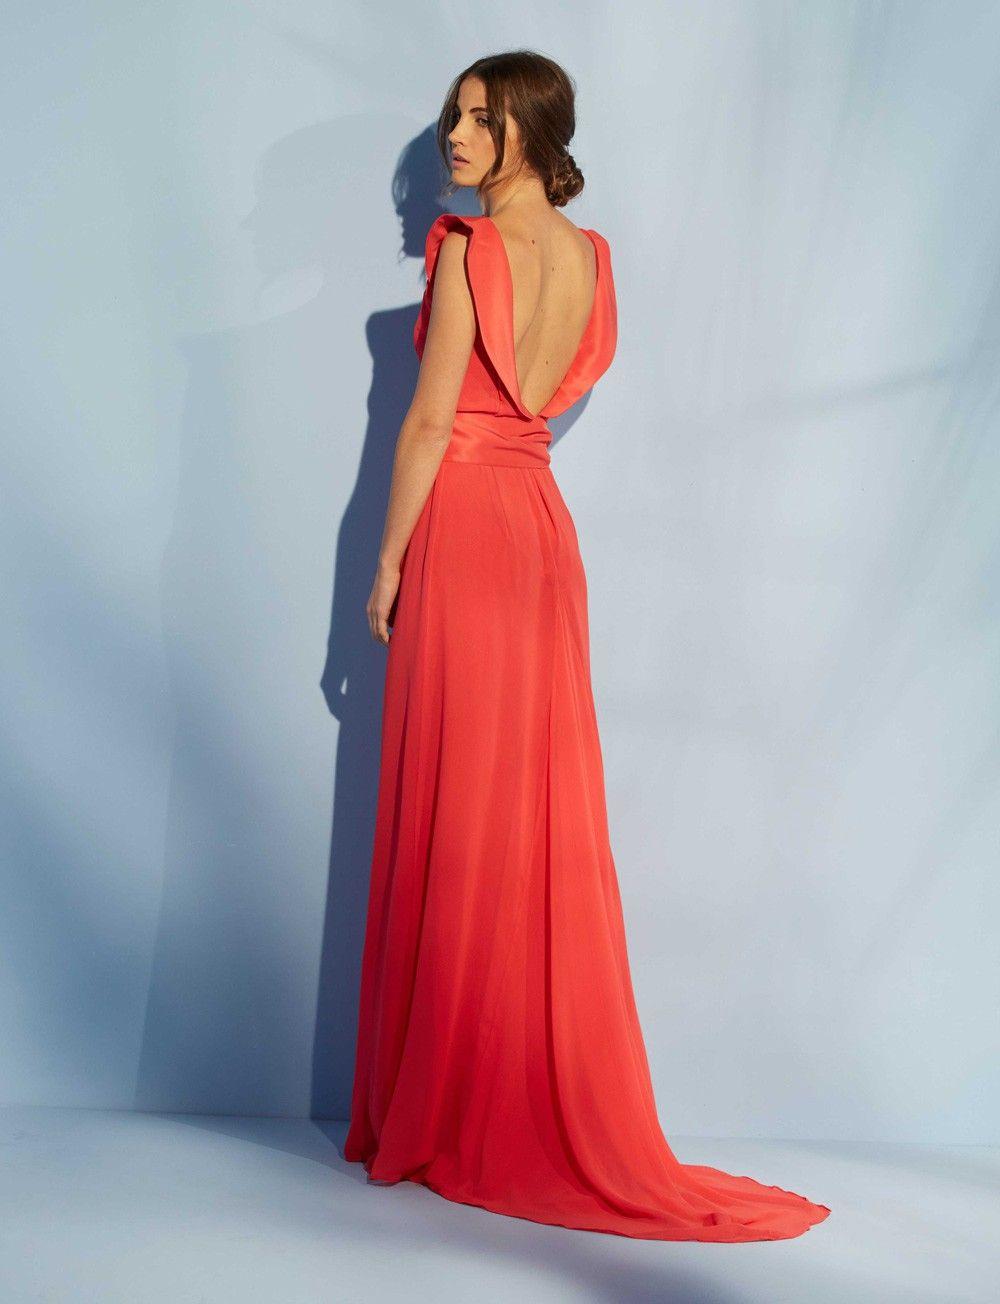 Espalda vestido cannes nubbe clothes vestido pinterest gowns